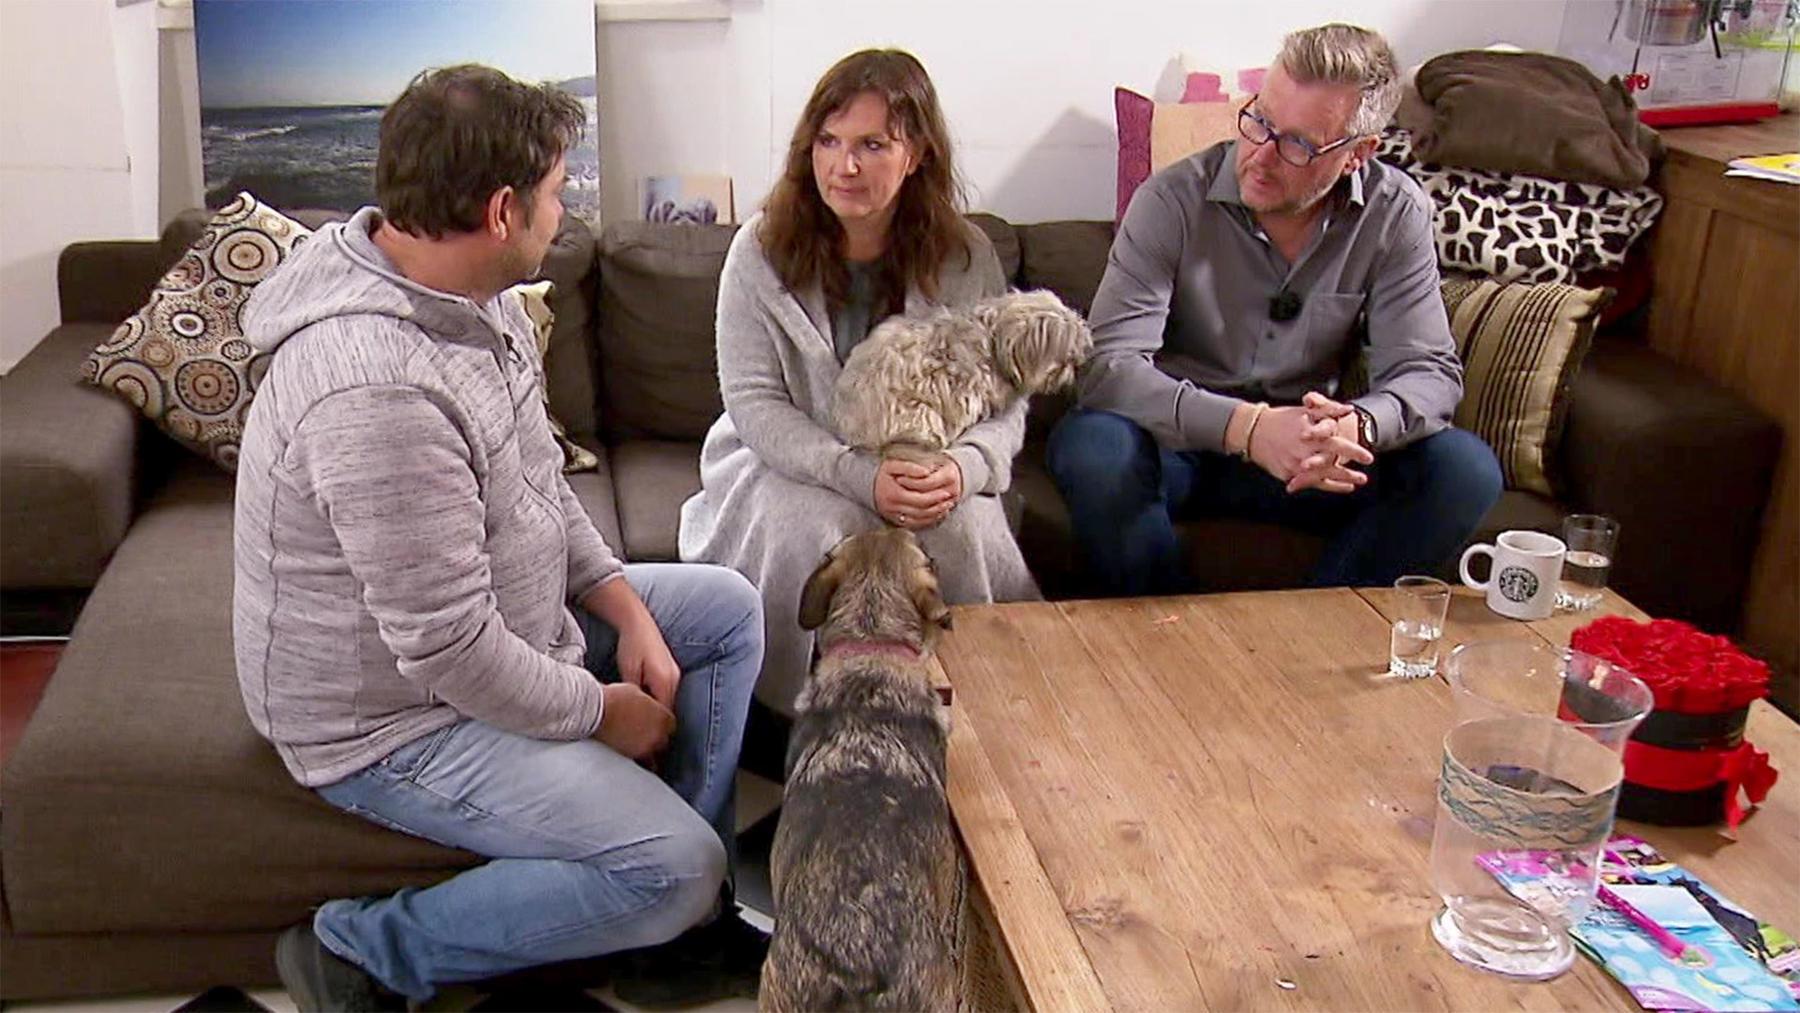 Heute u.a. mit: Katharina & Ralf mit Mischling Chewbacca